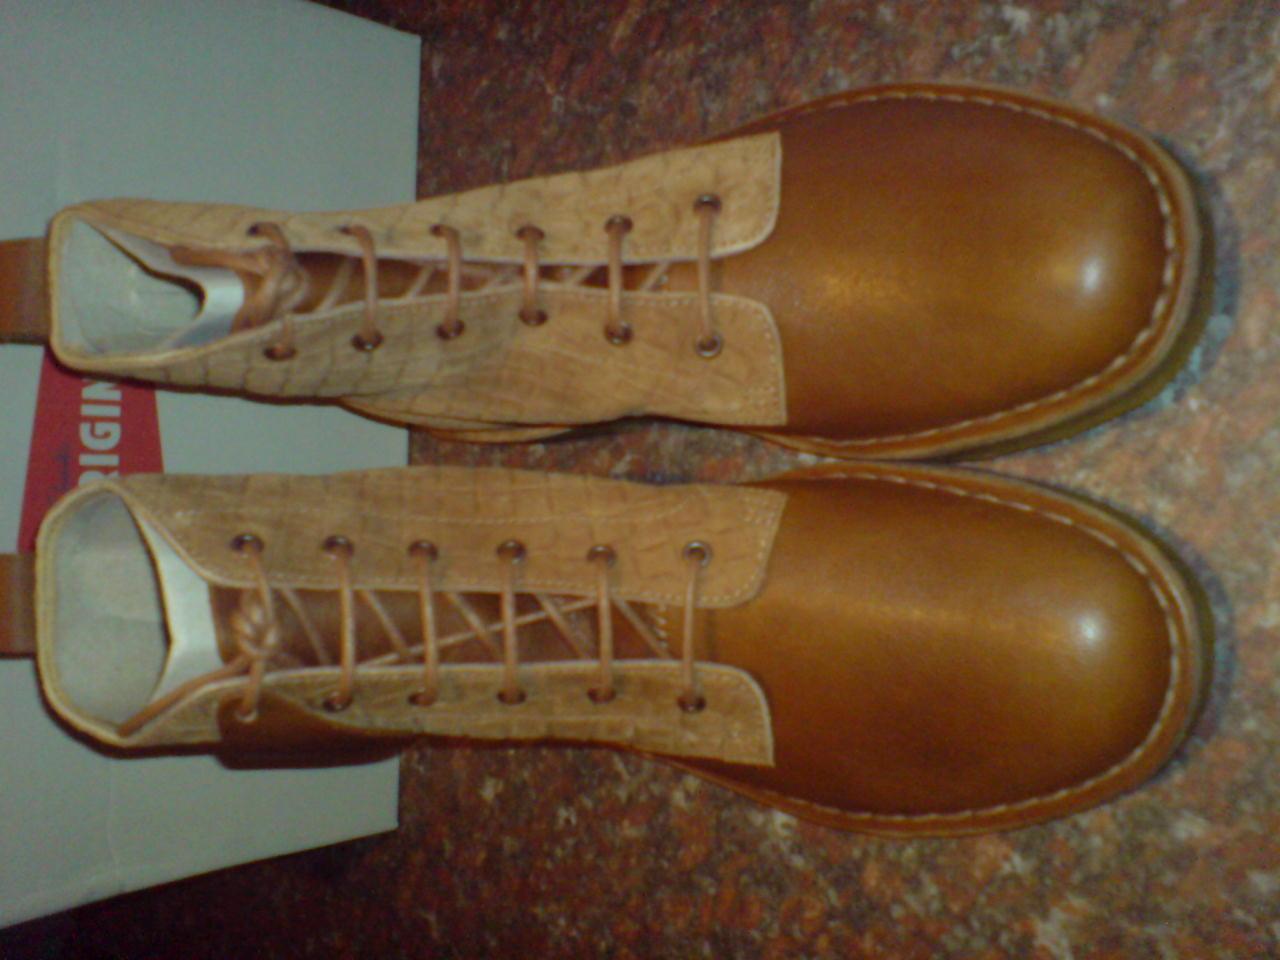 Clarks Originals Para Hombre  Desierto Terciopelo Hi botas Marrón  Reino Unido 6,7,8,9,10,11,12 G